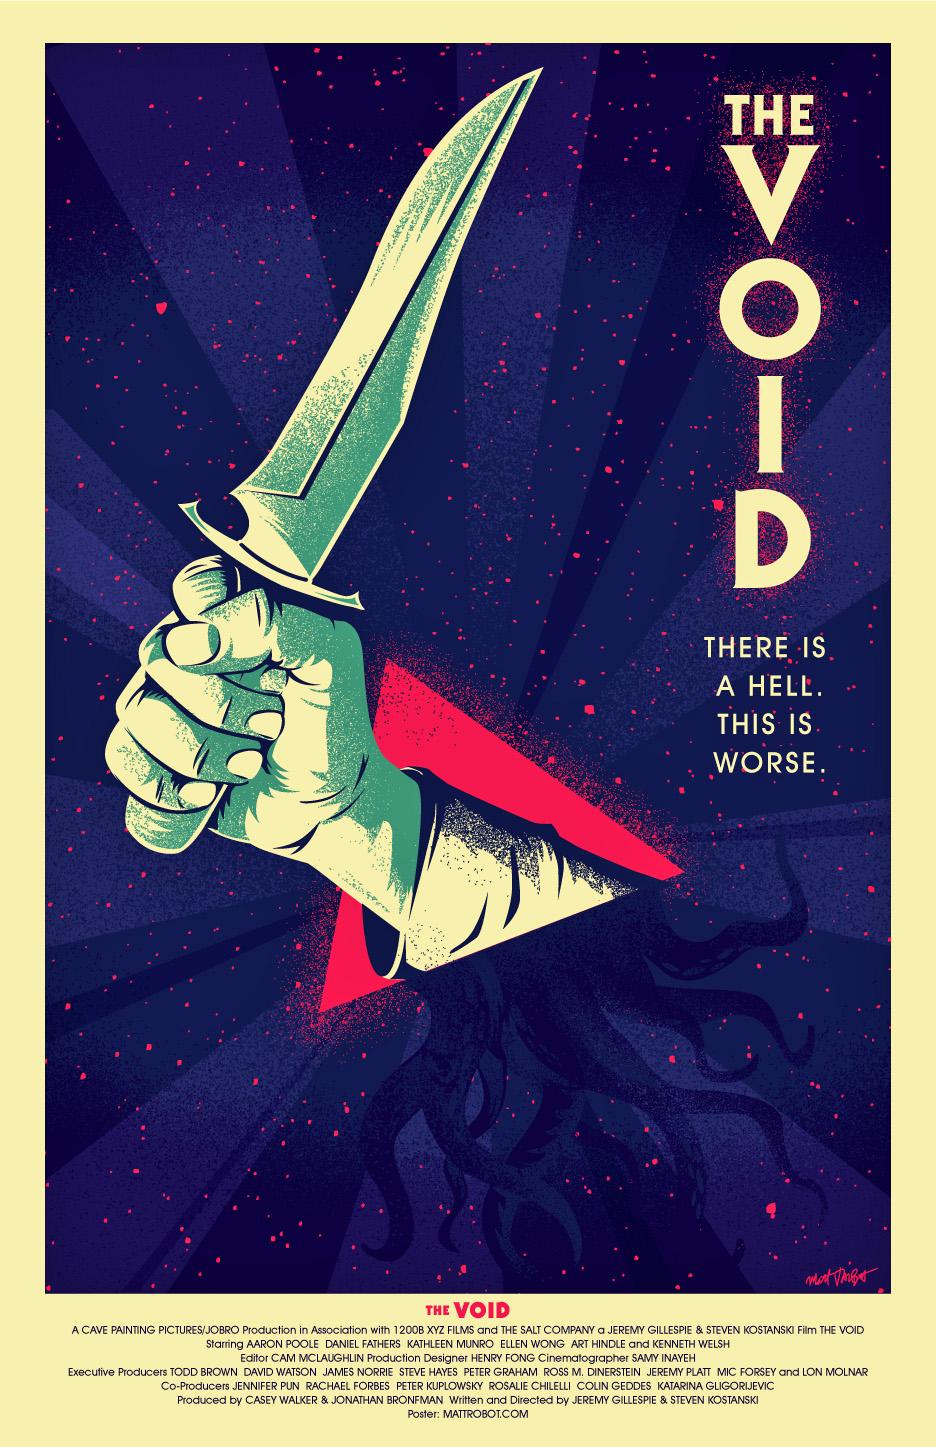 The Void poster by Matt Talbot